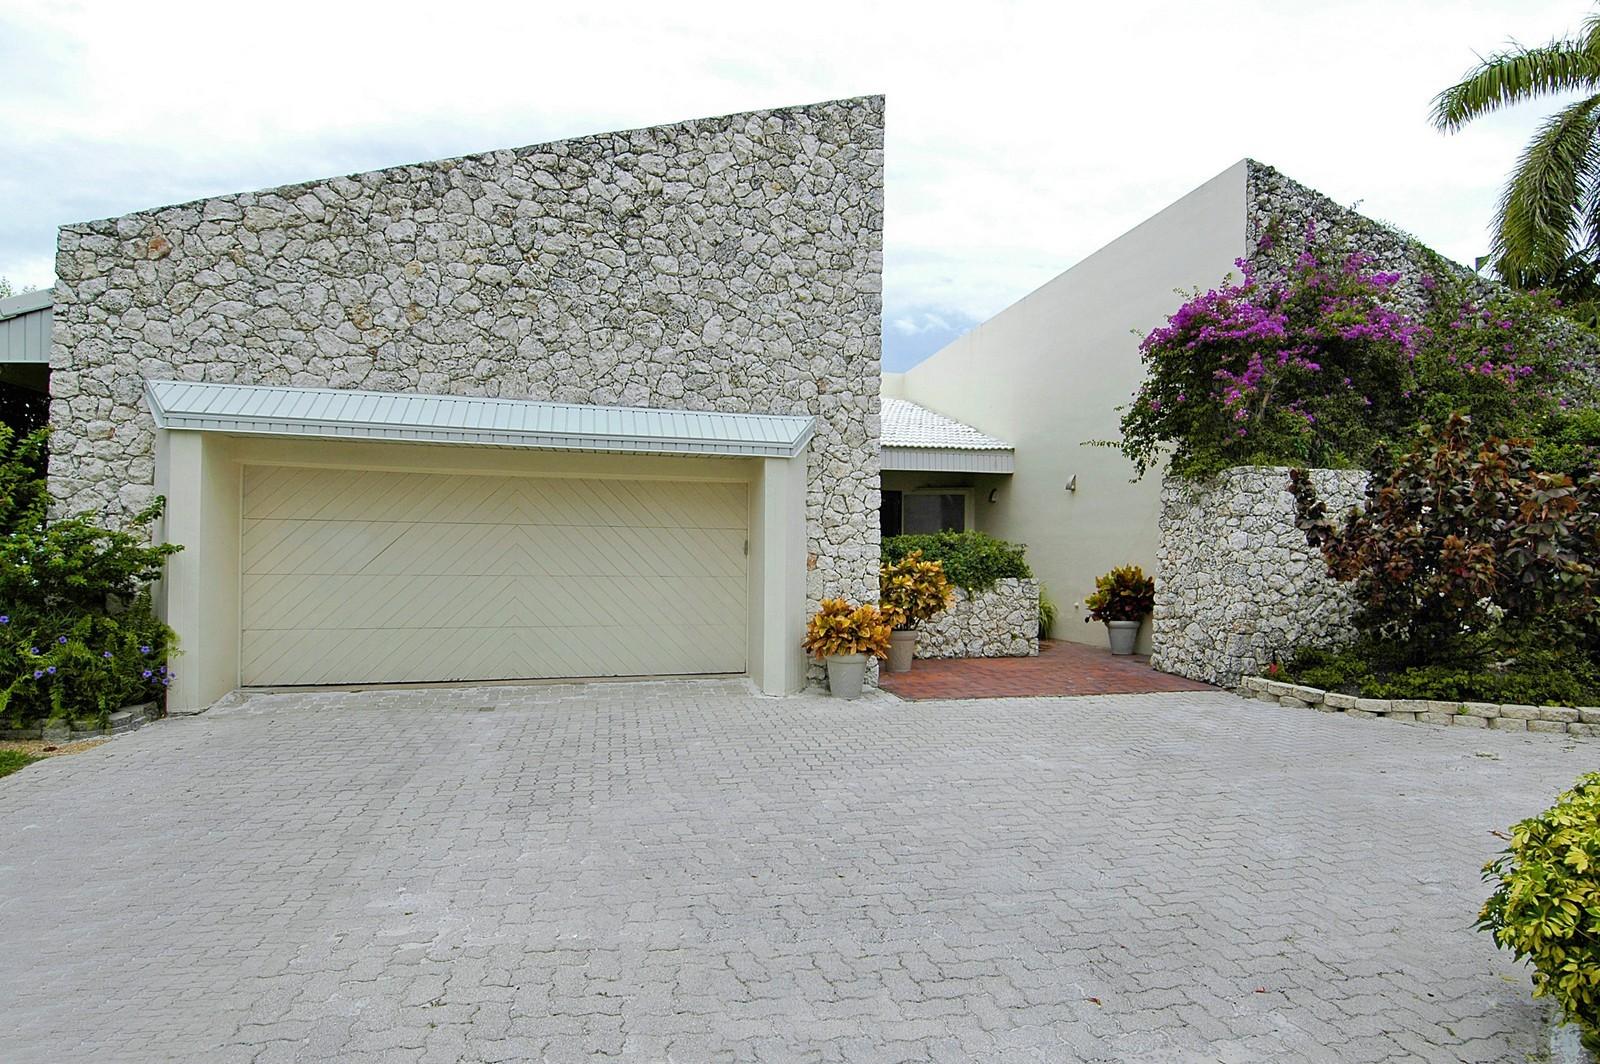 Real Estate Photography - 622 Golden Beach Dr, Golden Beach, FL, 33160 - Front View